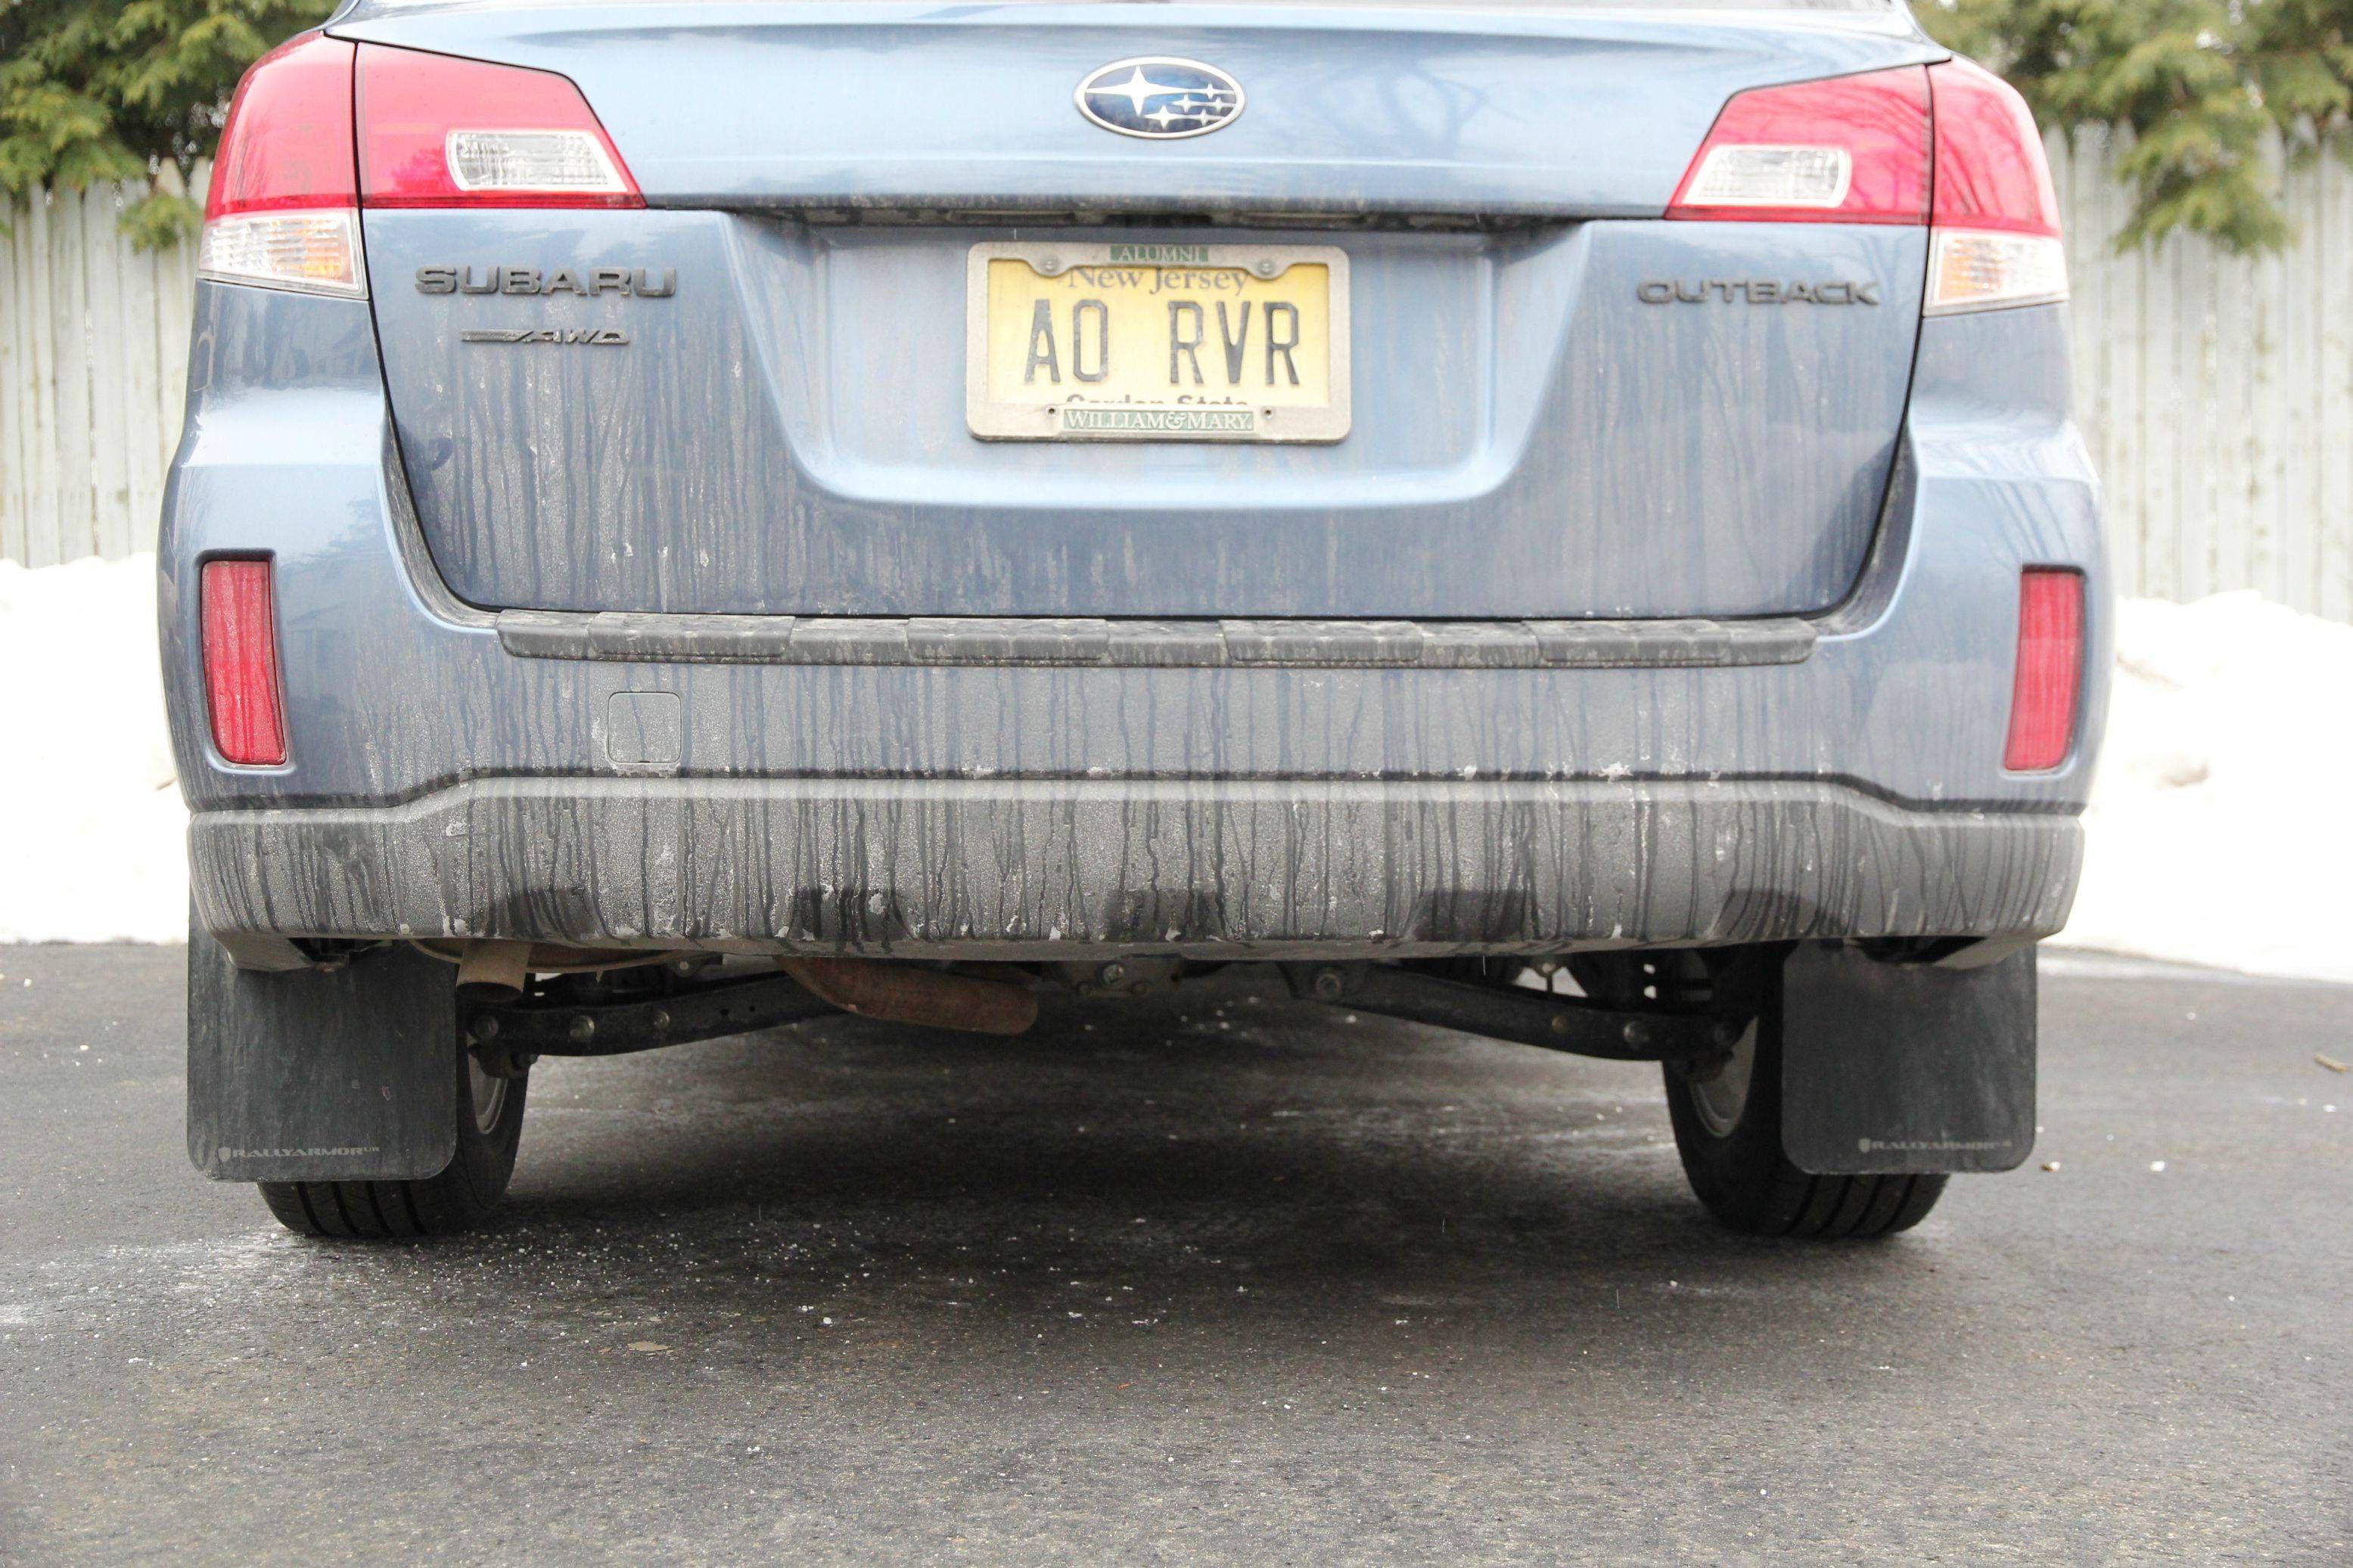 DIY: Gen 4 Rally Armor Mud Flaps Installation - Subaru